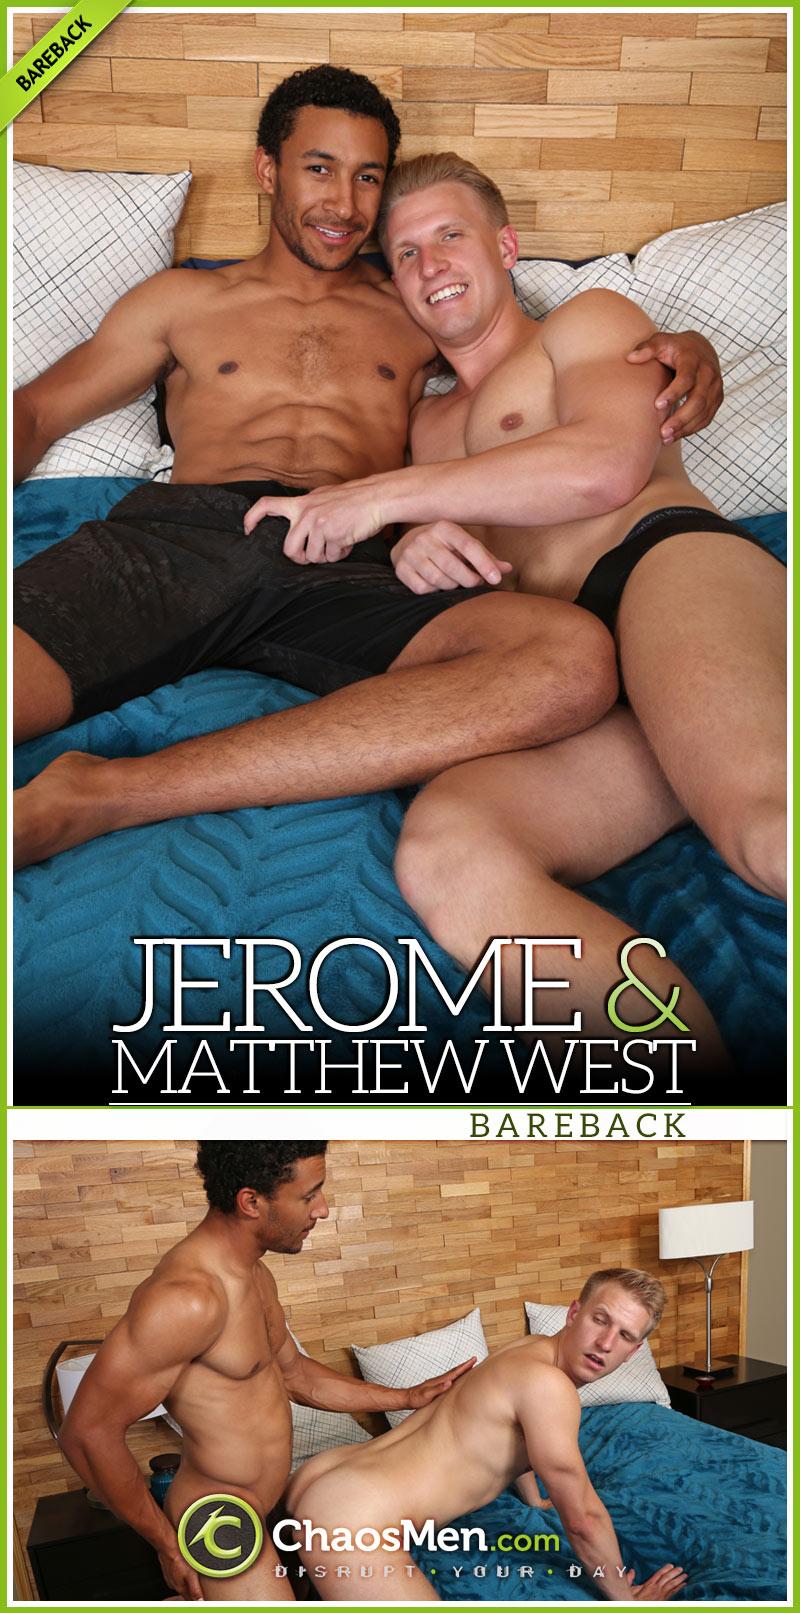 Jerome Fucks Matthew West (Bareback) at ChaosMen